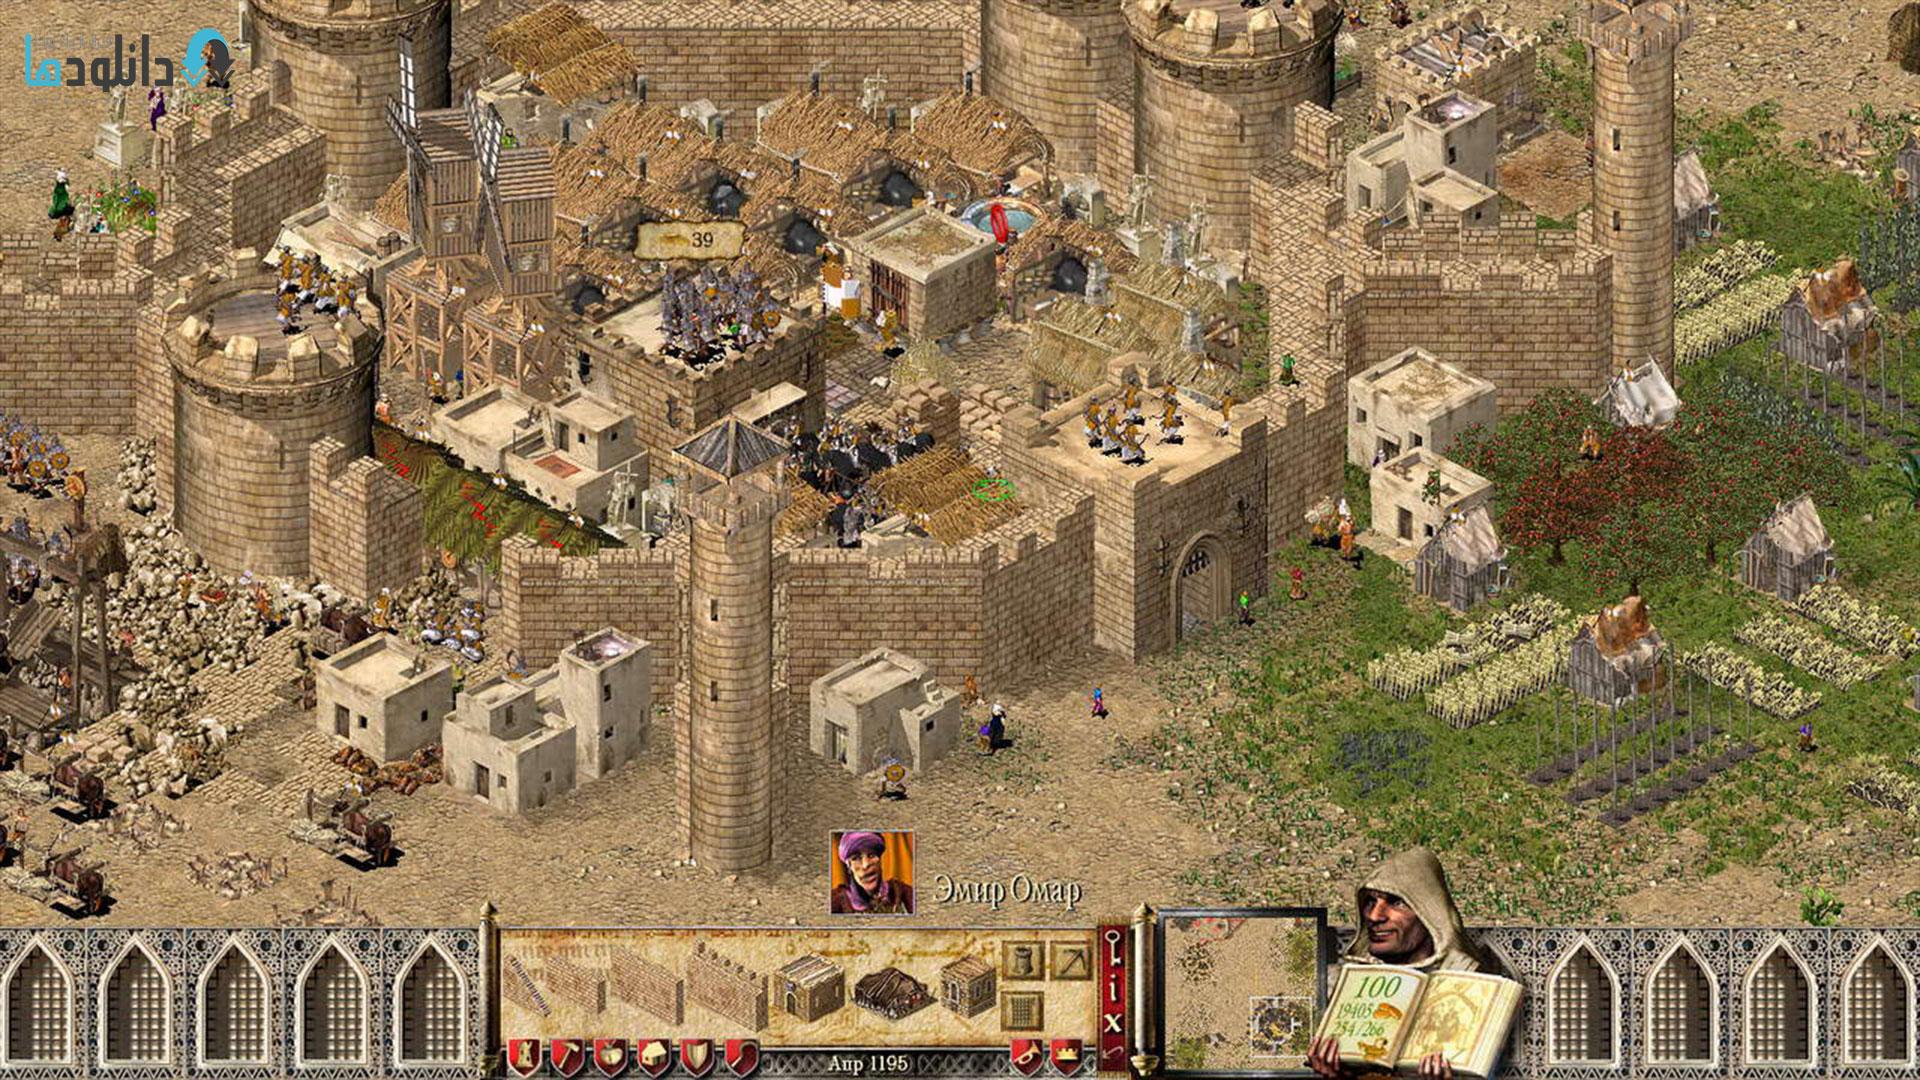 دانلود بازی جنگ های صلیبی Stronghold HD و Stronghold Crusader HD برای PC